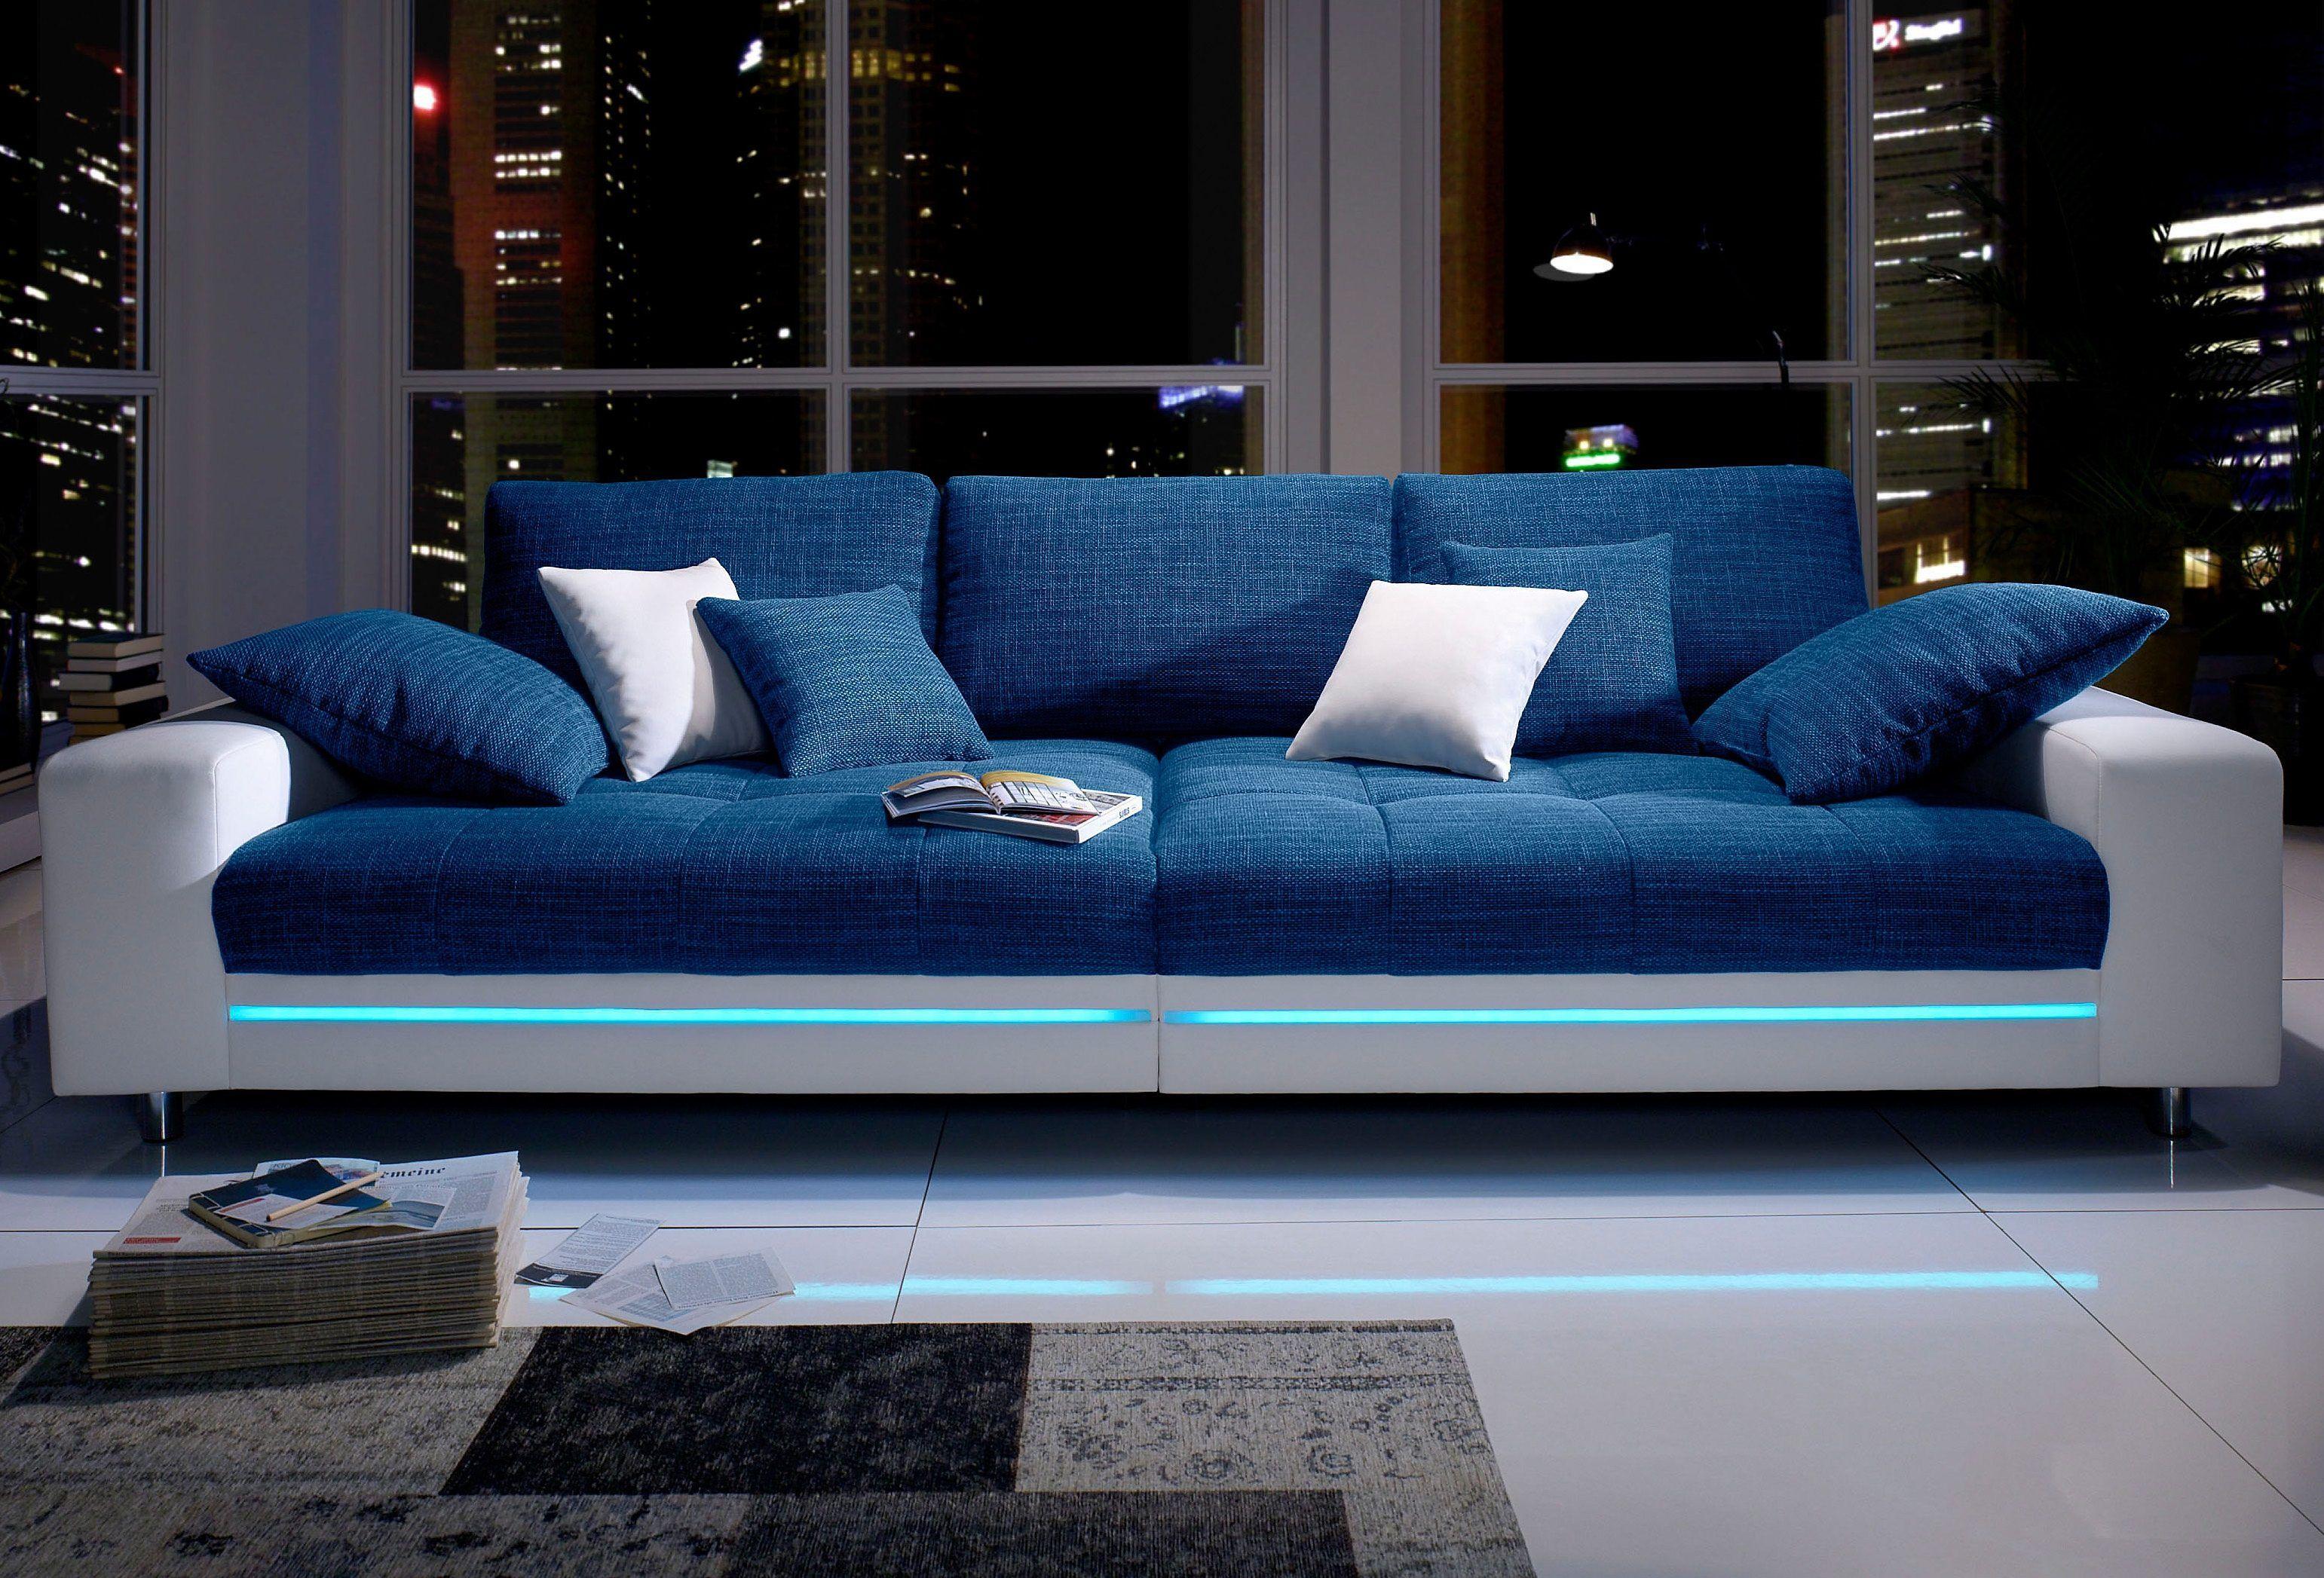 sofa mit led beleuchtung webseite bild oder ebbfbbfbfbafedcf